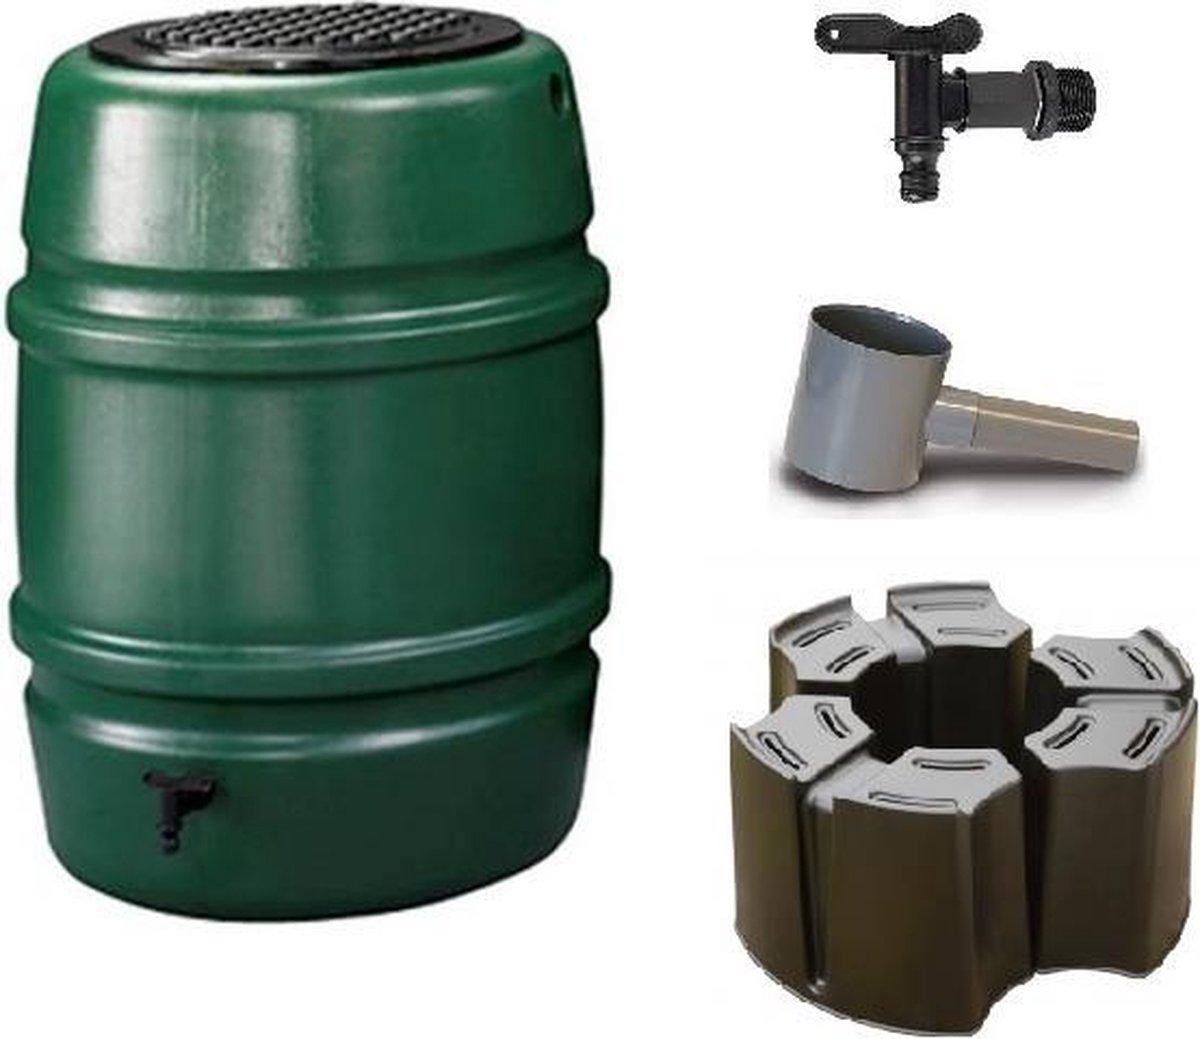 Regenton voordeelset | Harcostar 168liter groen + standaard + vulautomaat 70/80mm.